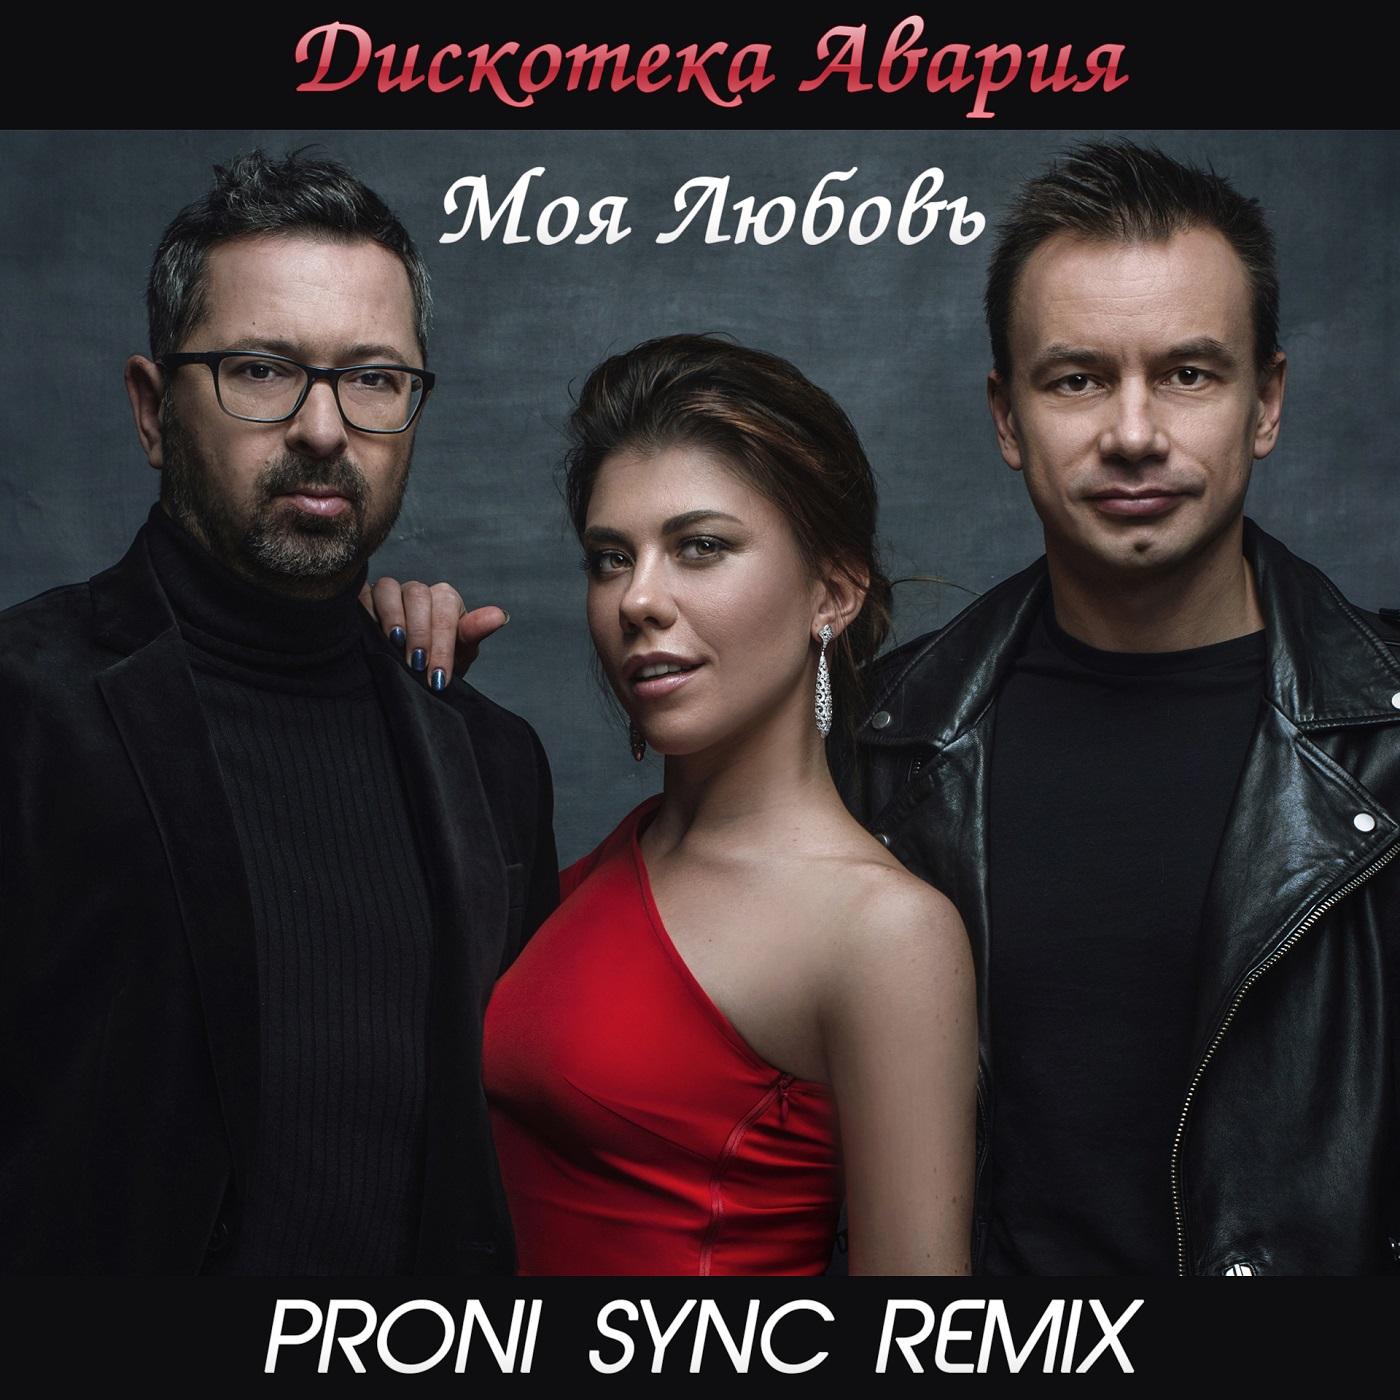 Дискотека Авария - Моя Любовь [Proni Sync Remix] (Original Mix)